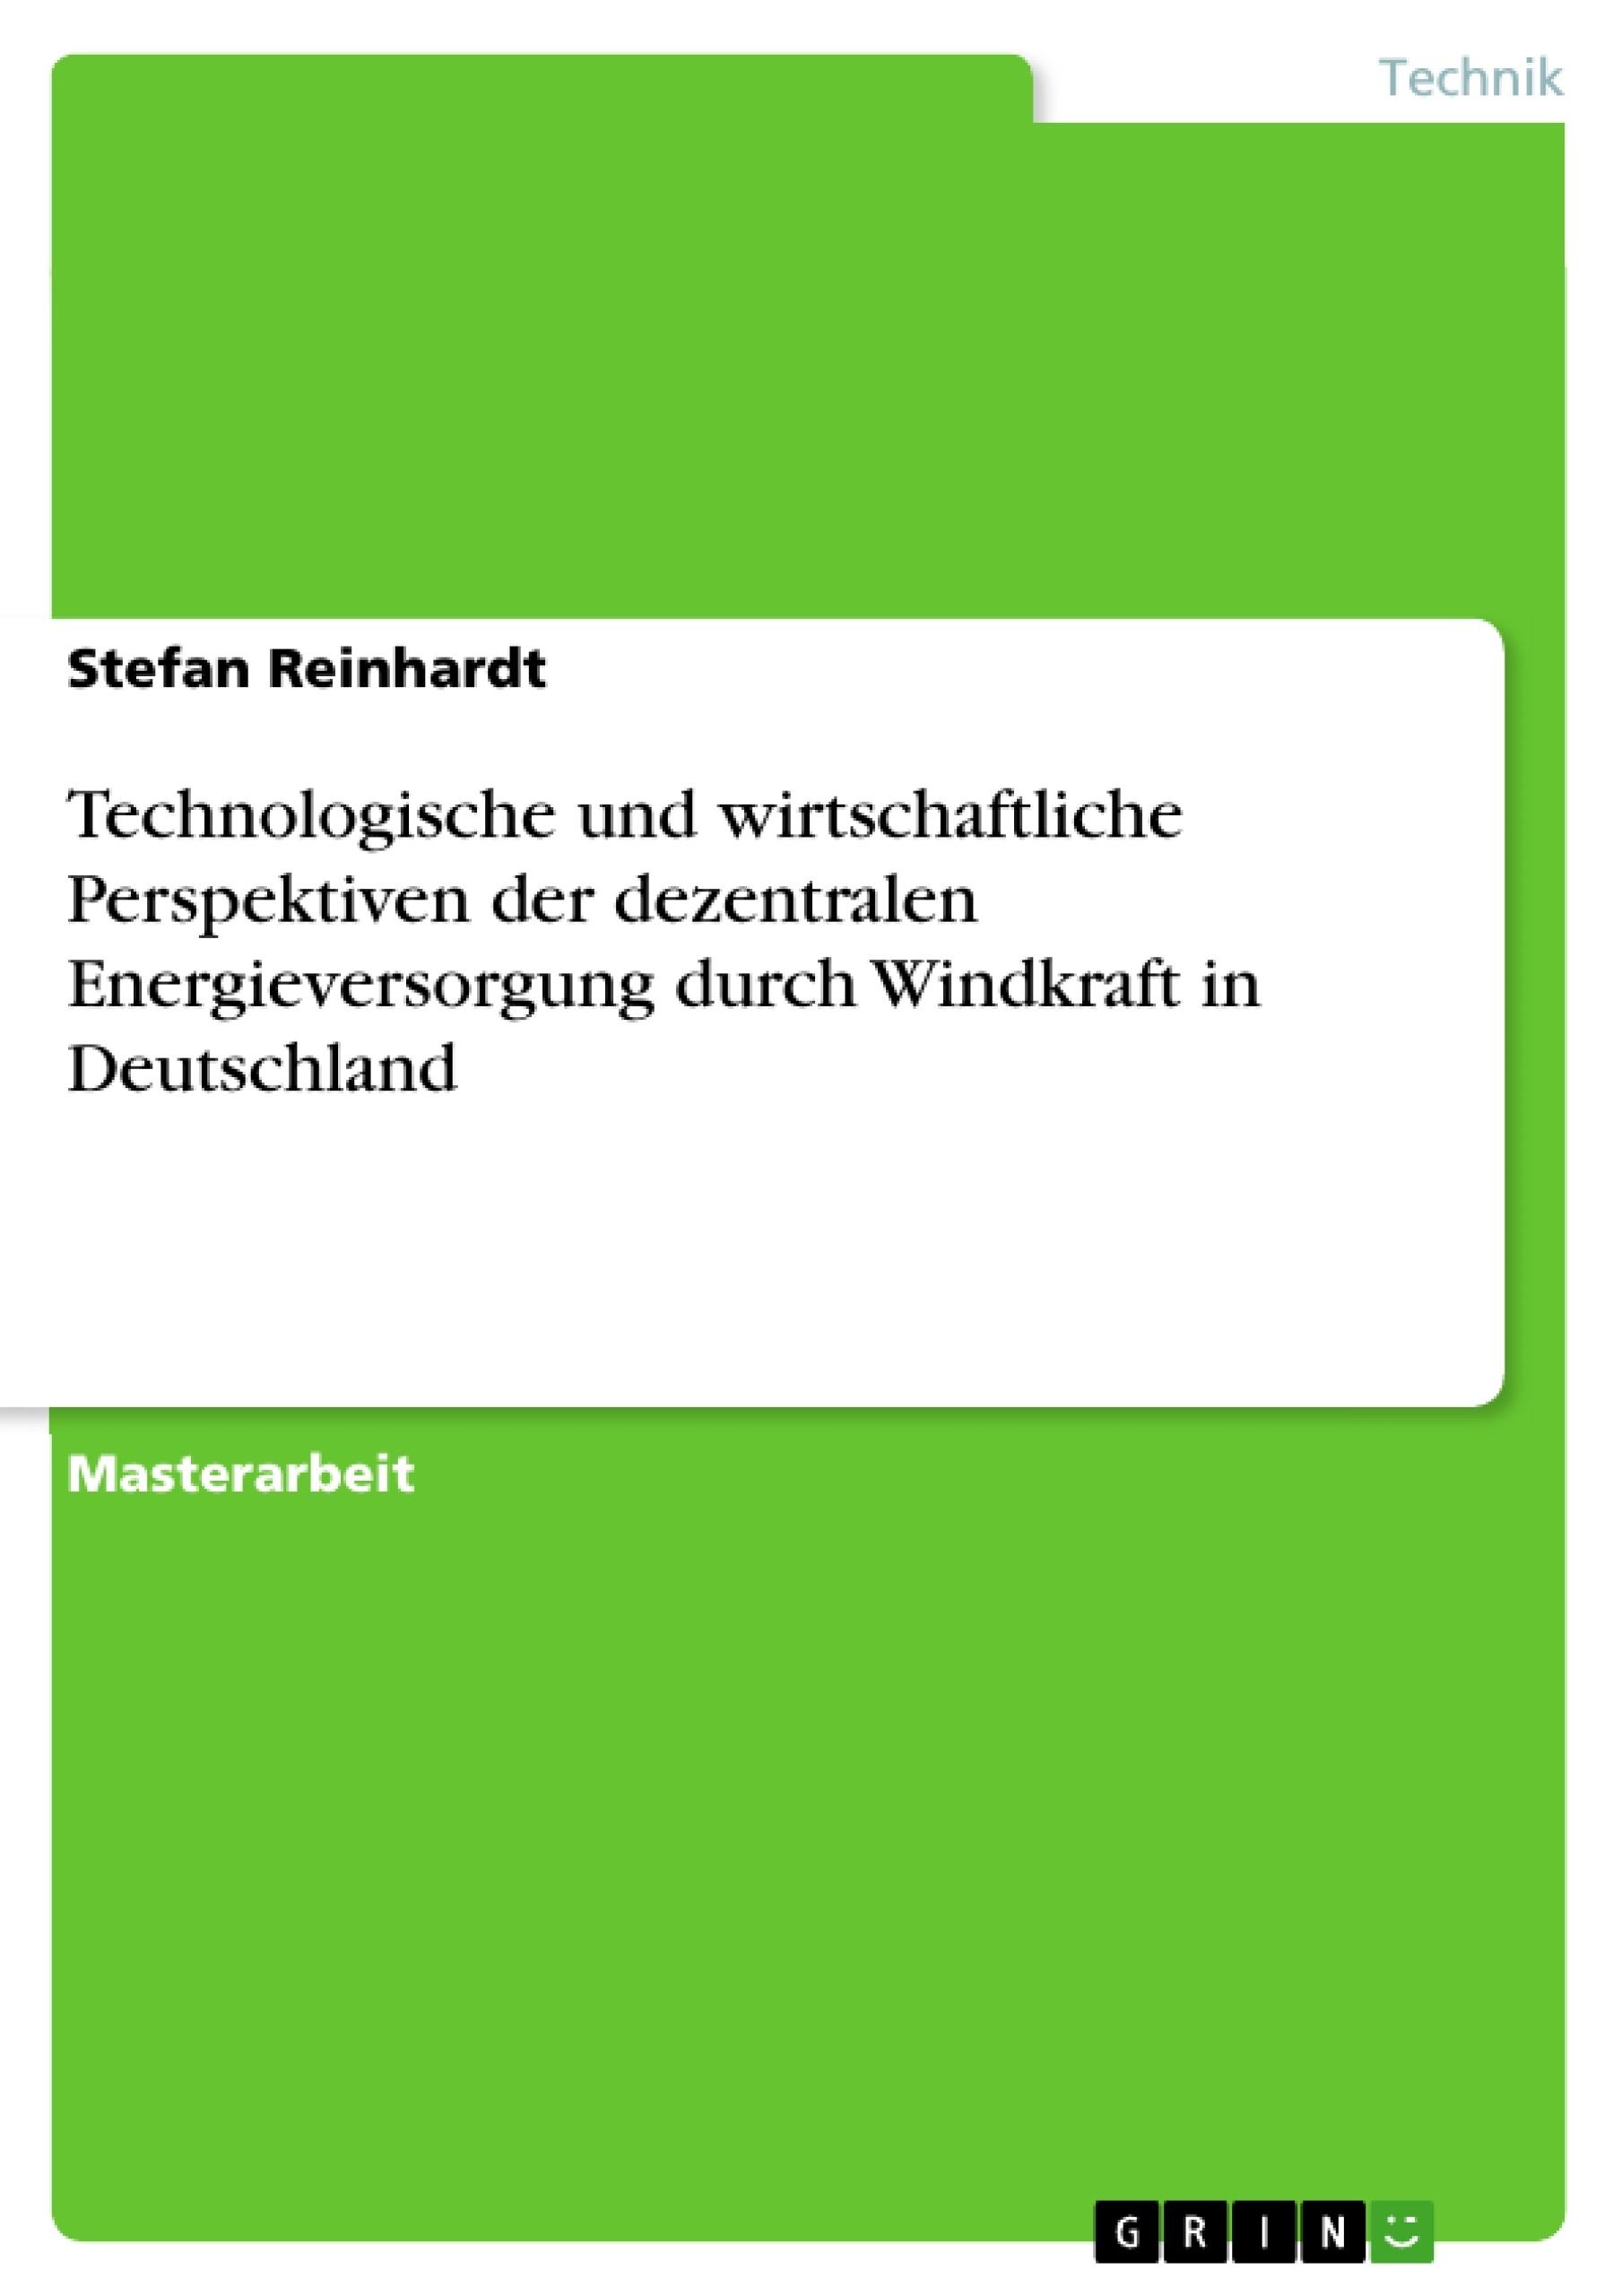 Titel: Technologische und wirtschaftliche Perspektiven der dezentralen Energieversorgung durch Windkraft in Deutschland